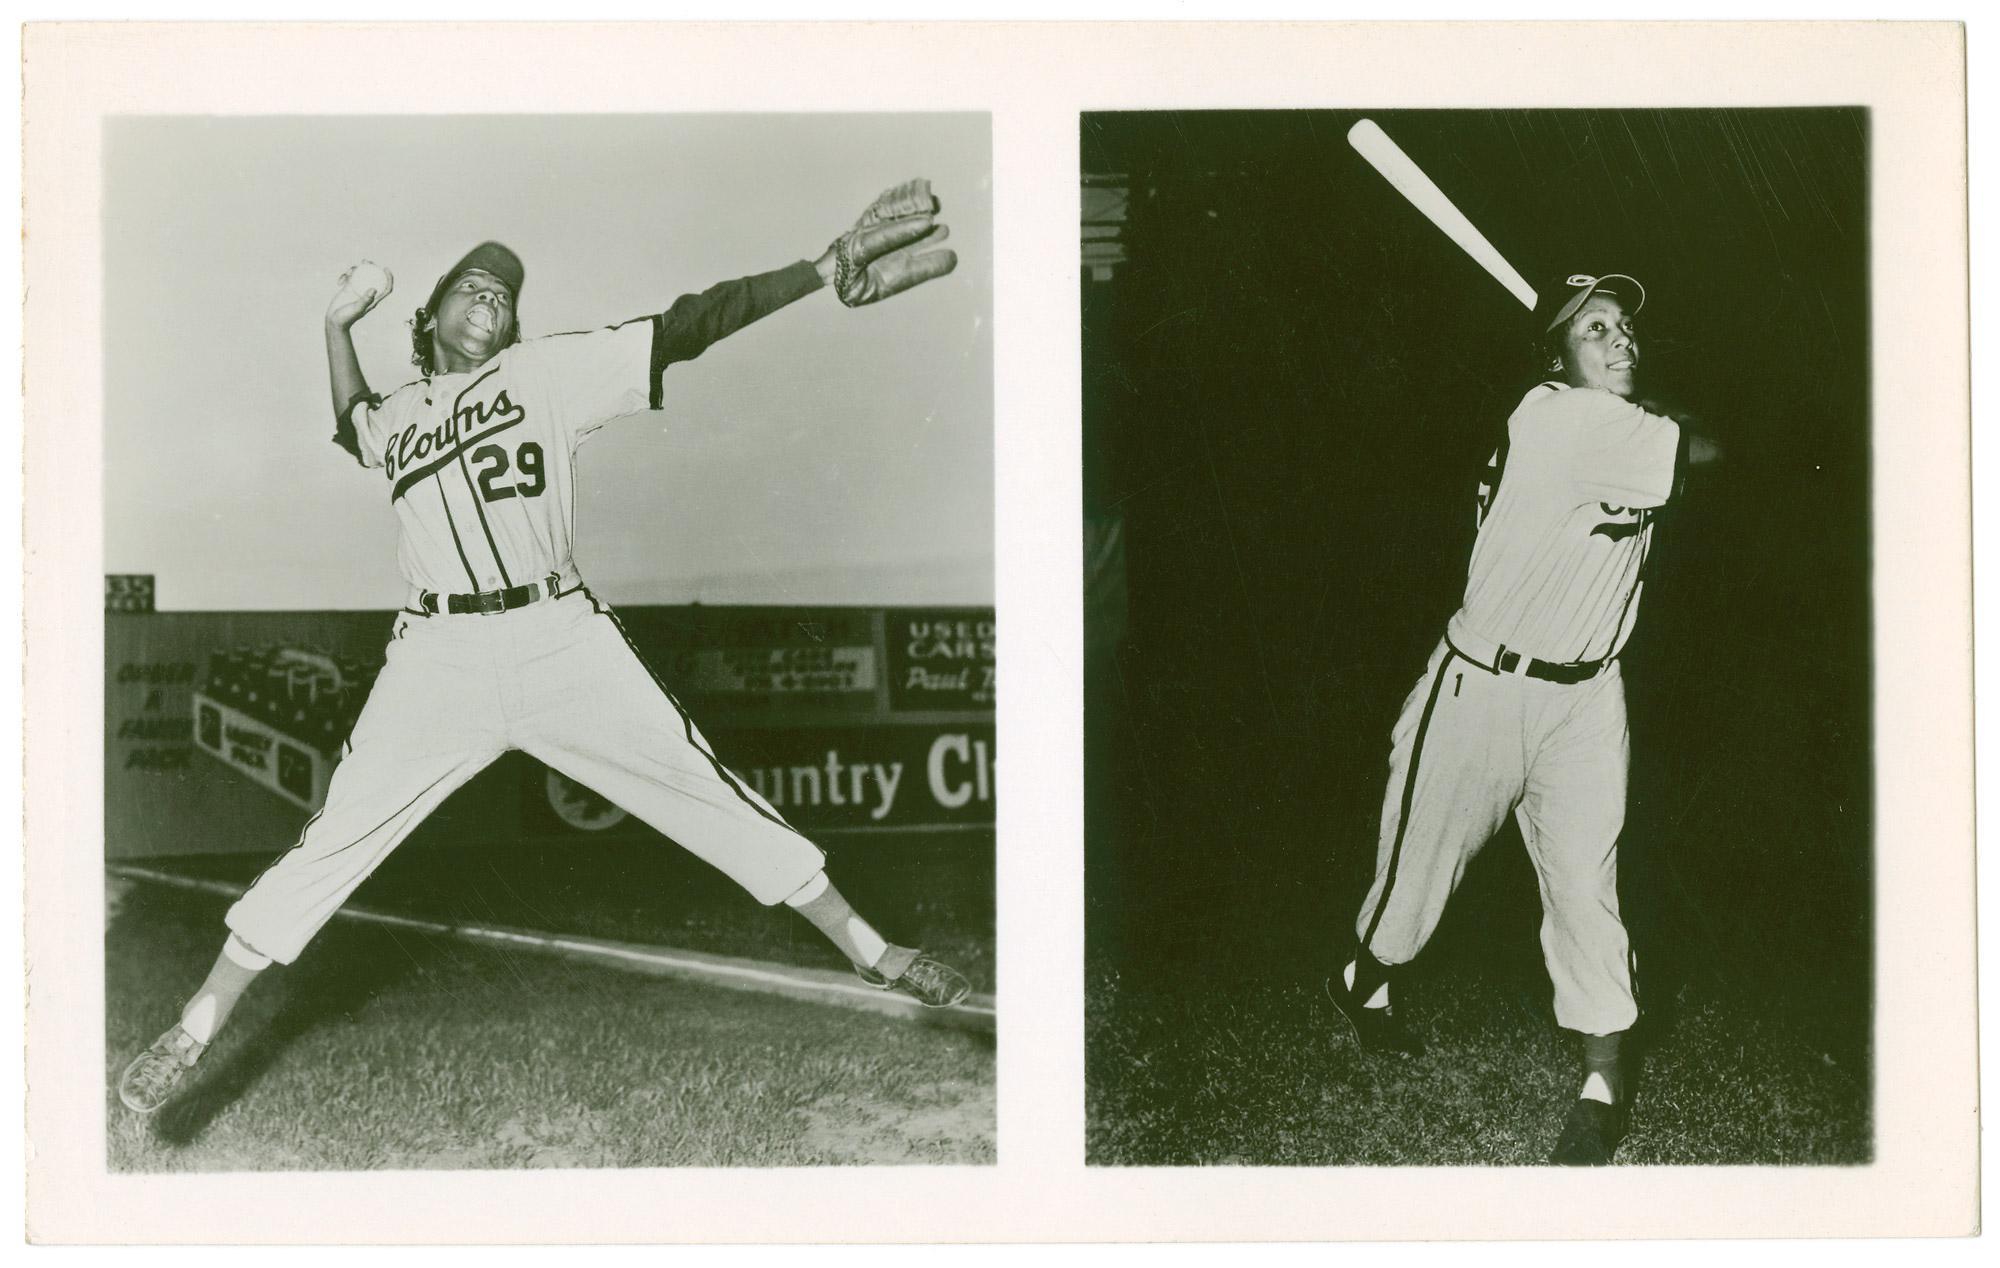 1953 postcard of Toni Stone pitching and hitting